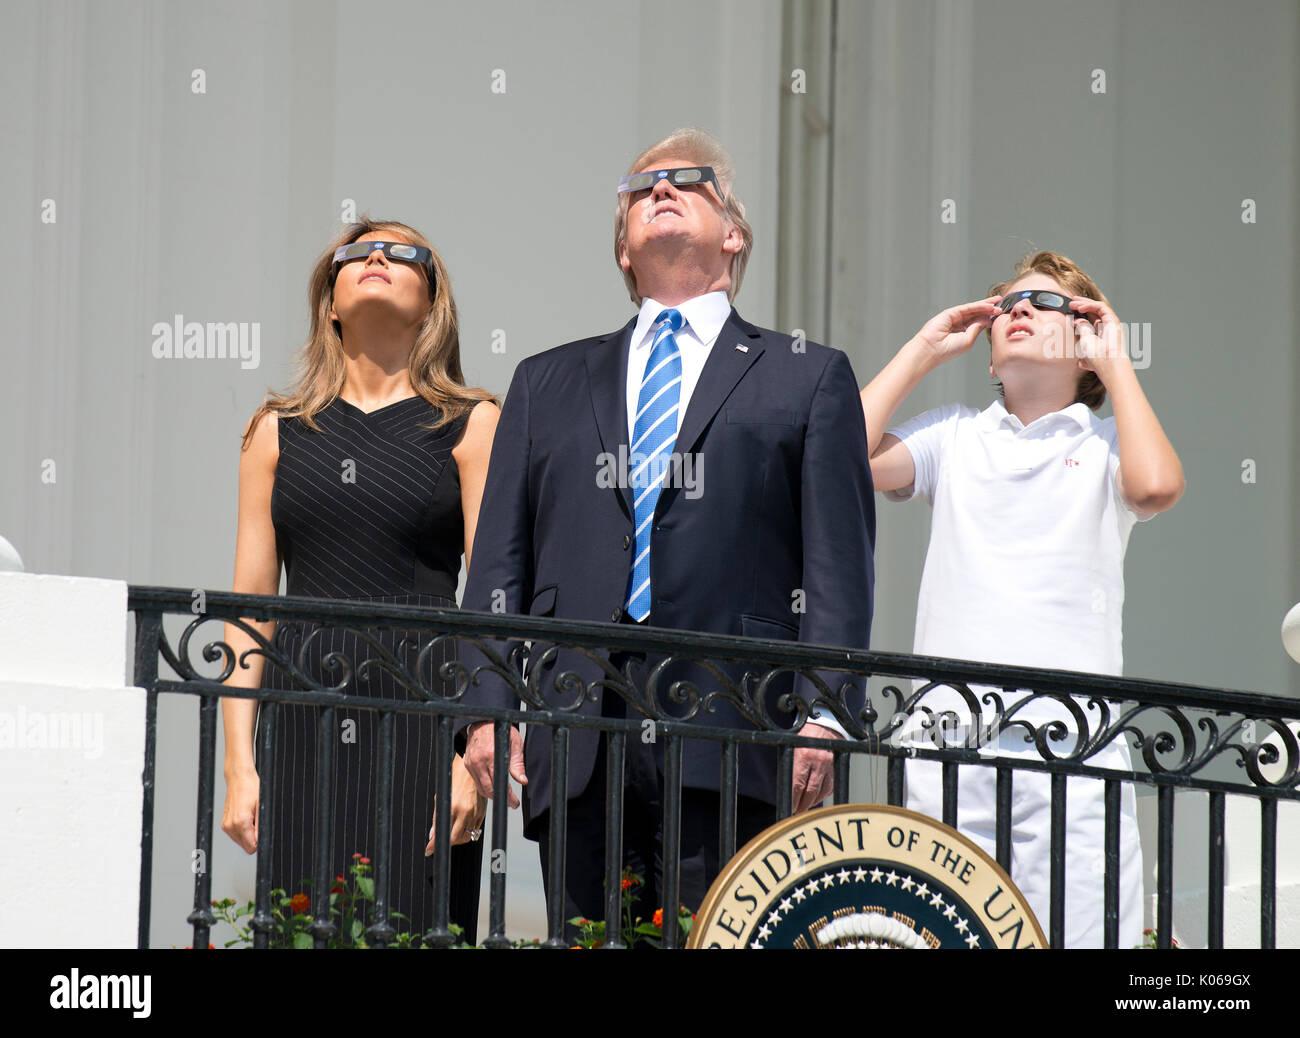 Le Président des Etats-Unis, Donald J. Trump, centre, accompagné par la première dame Melania Trump, gauche et droite, Banque D'Images